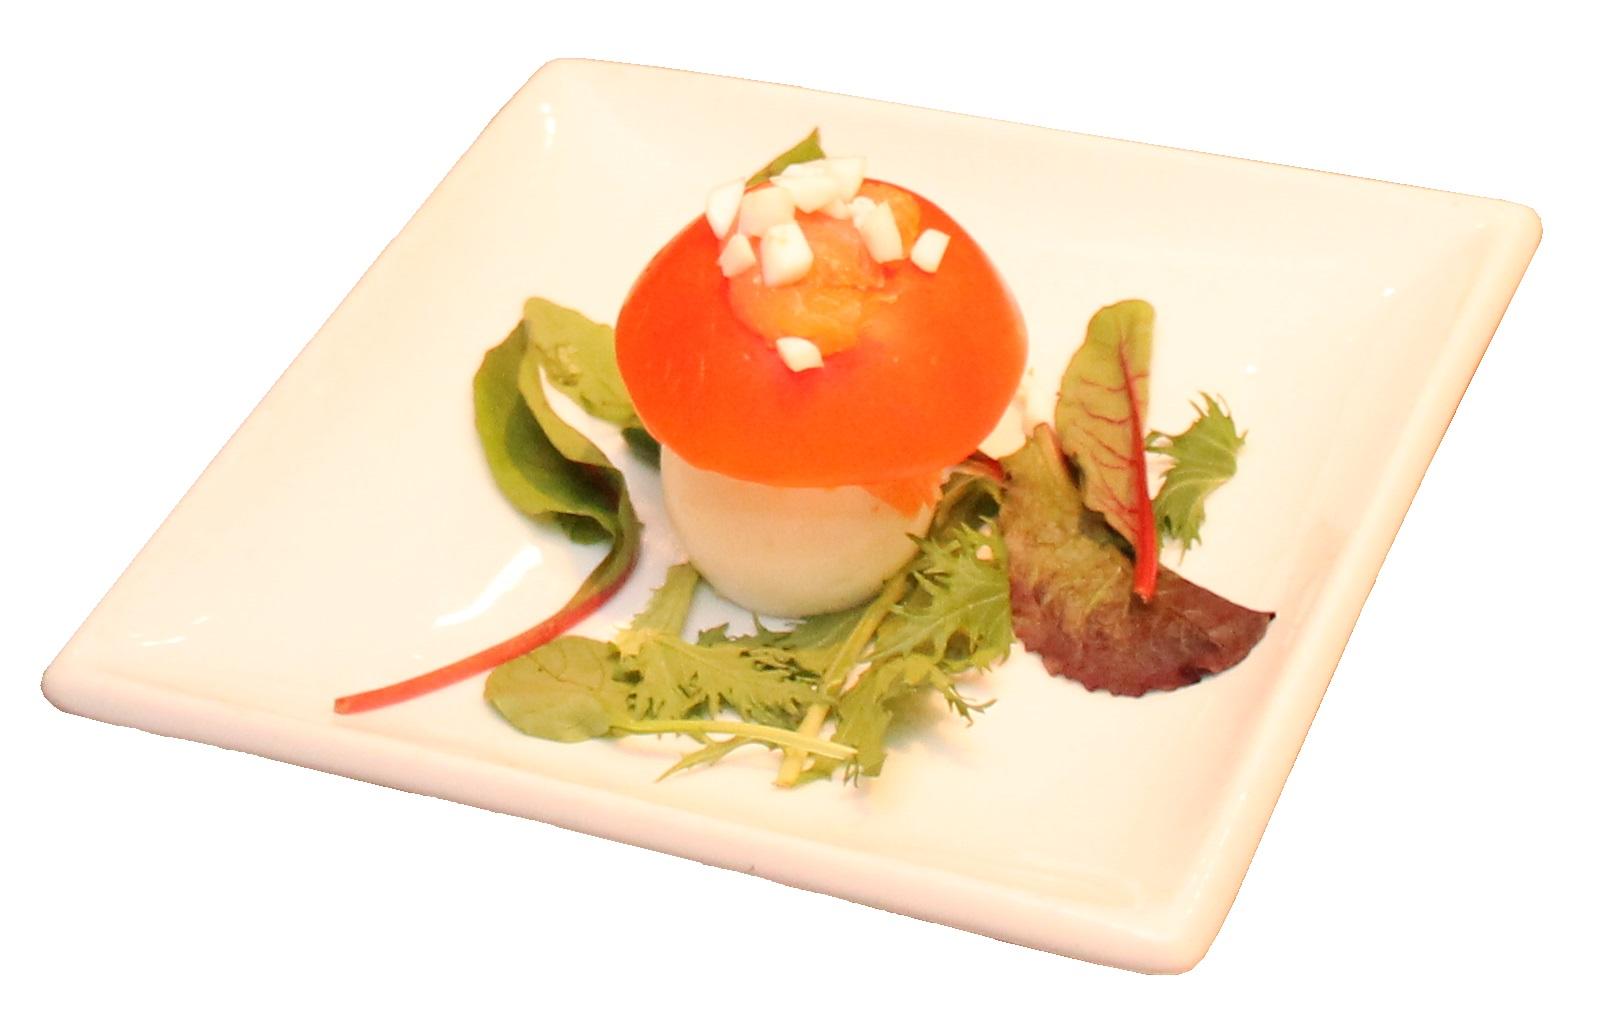 ei-tomaat-paddestoel